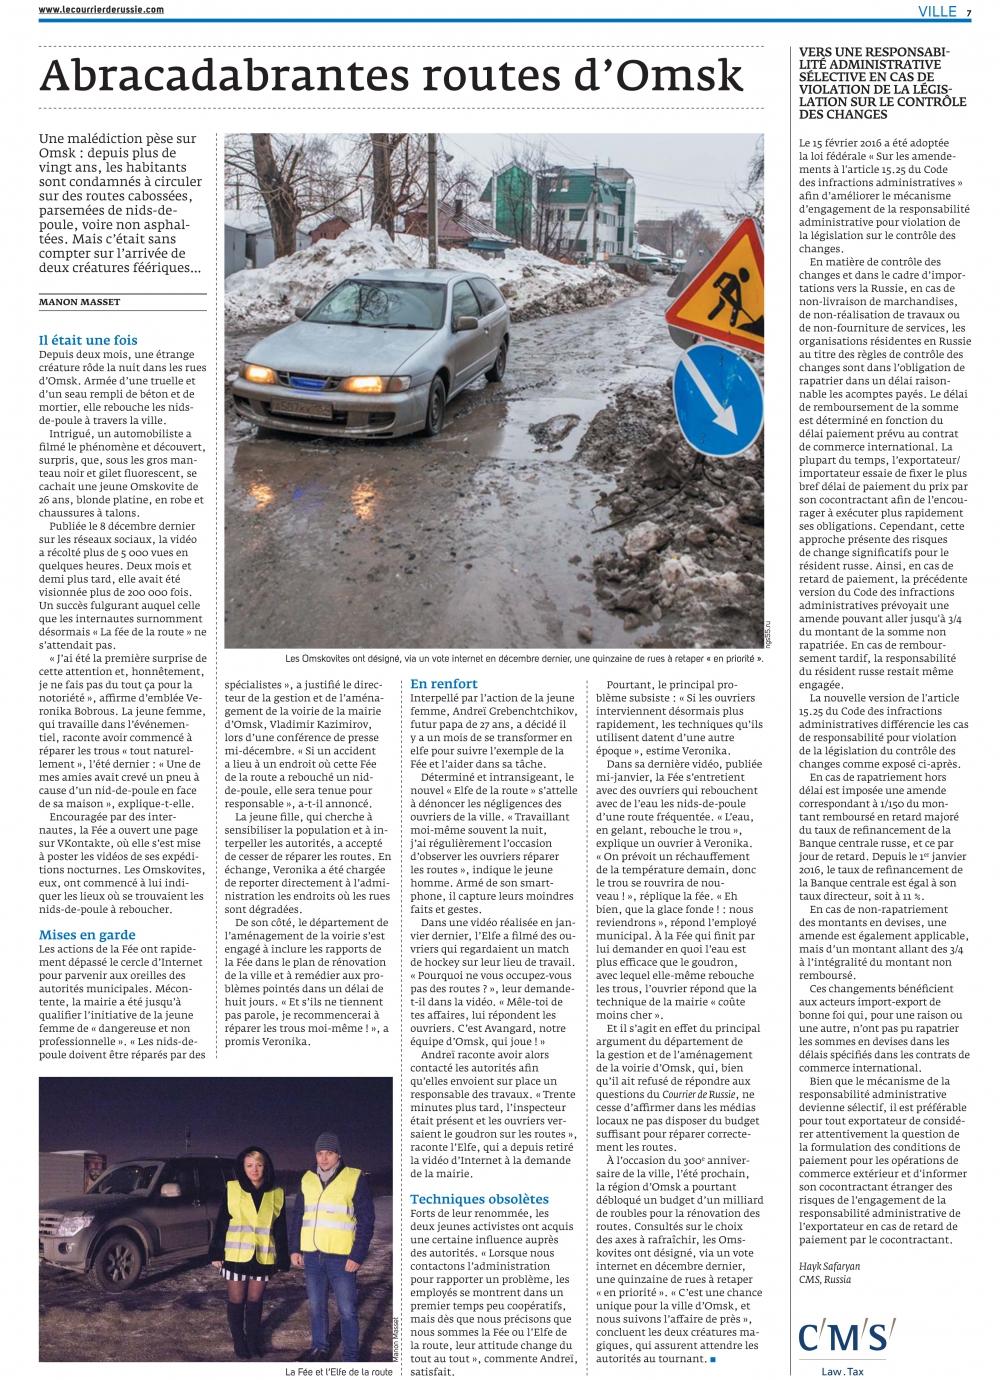 Французская газета рассказала своим читателям о плохих дорогах в Омске и о том, что у нас есть своя «дорожная фея».